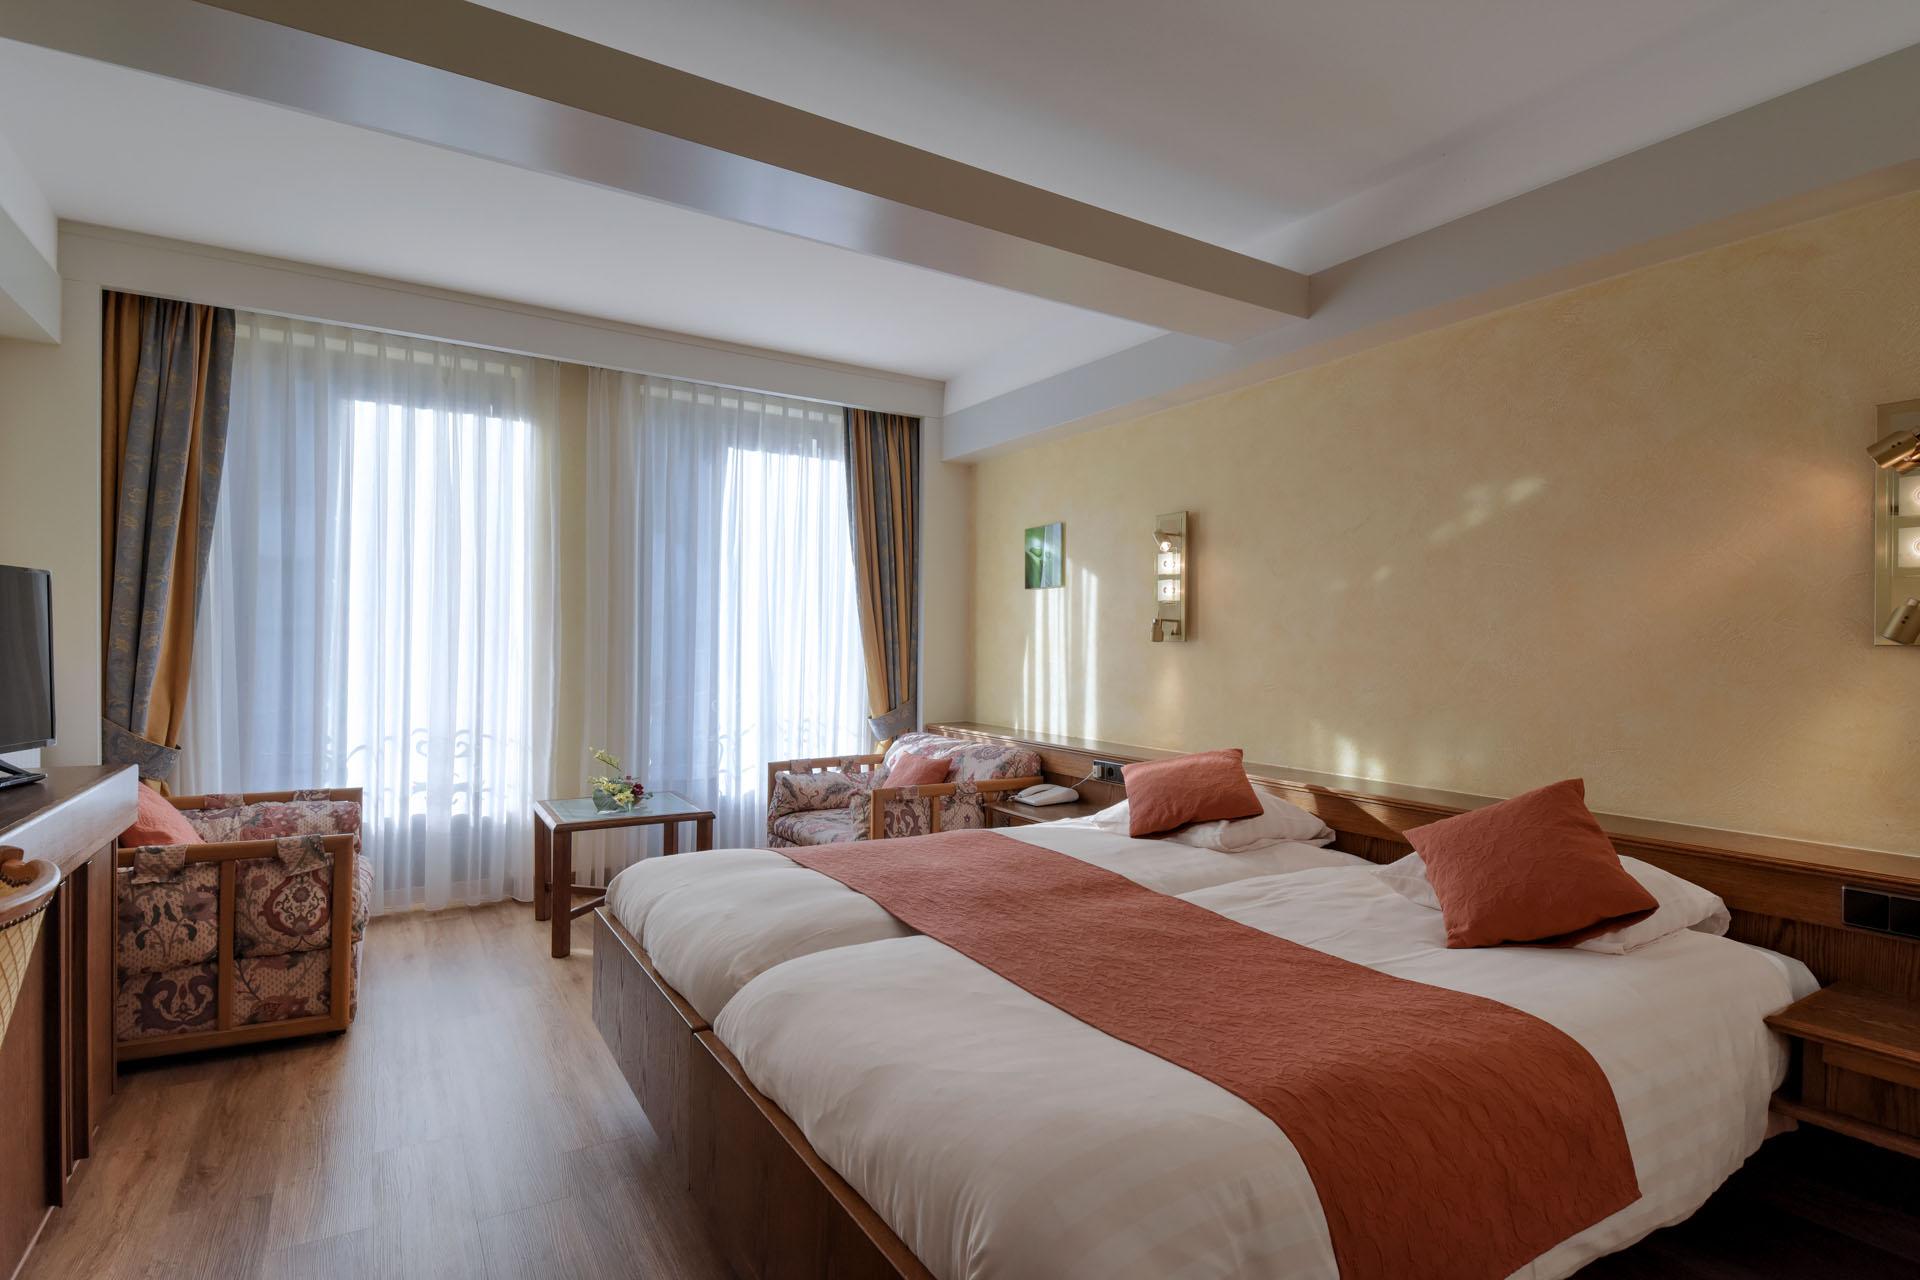 Chambre de famille - Hotel Brimer